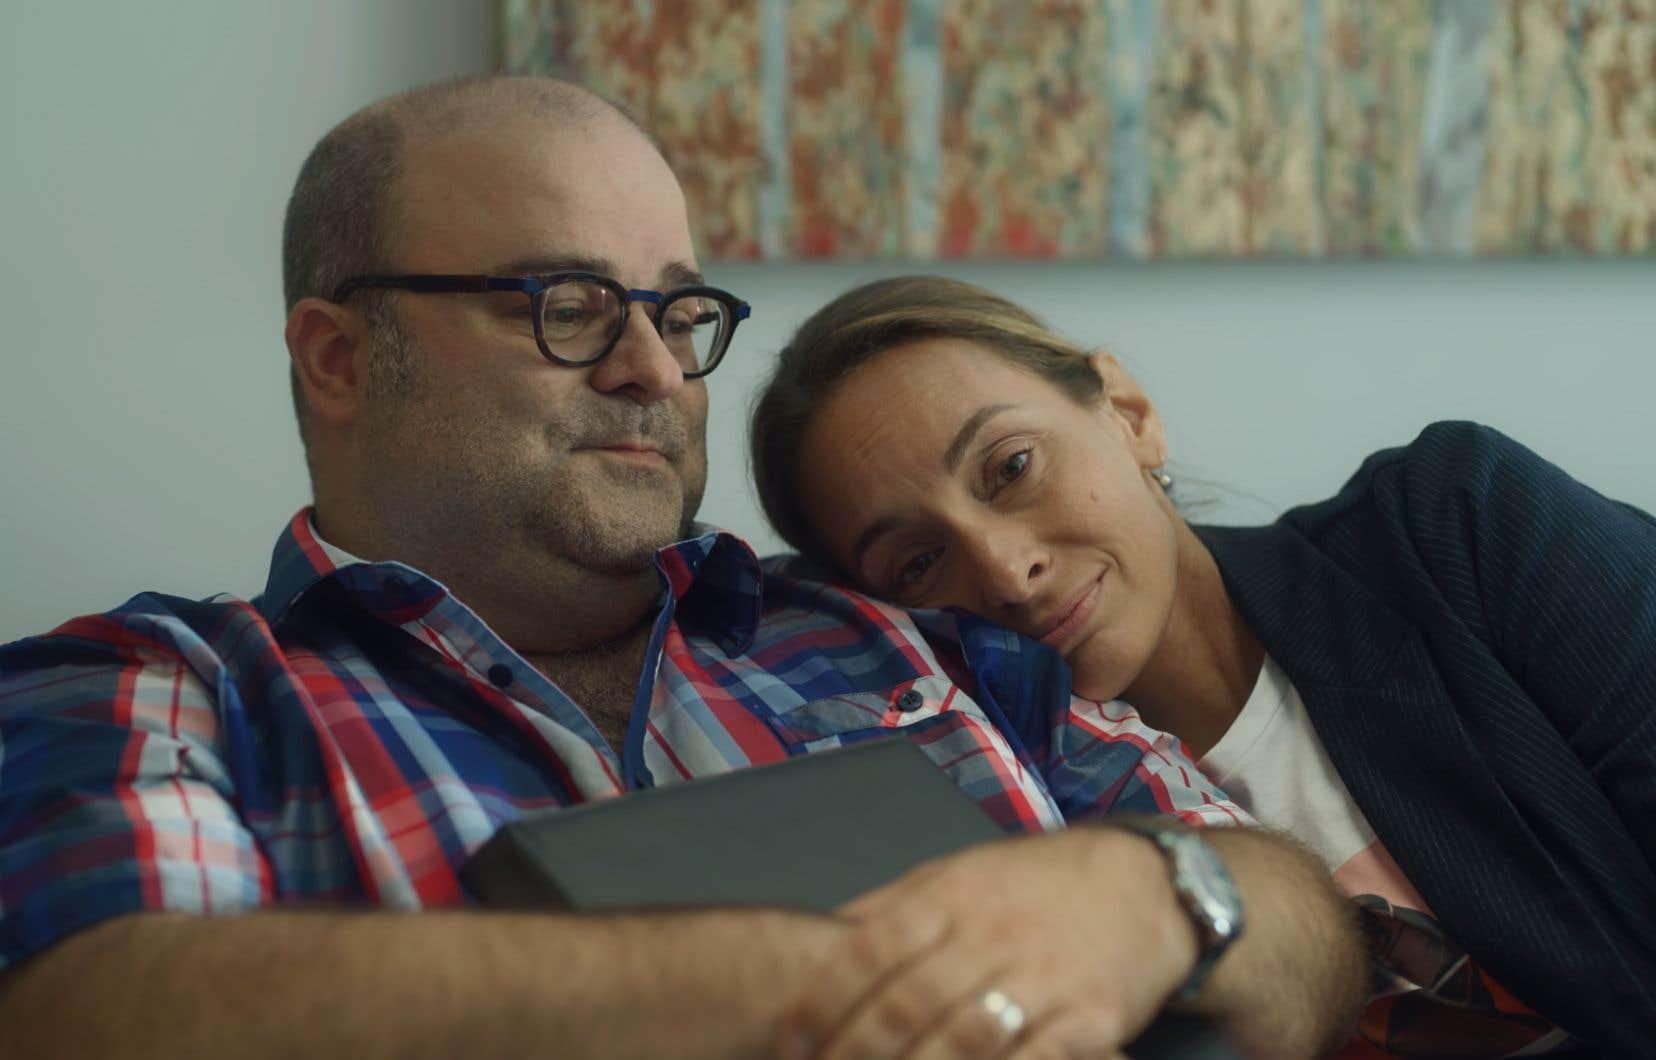 Le duo forme un couple de longue date, épanoui, toujours amoureux, heureux et qui ne se fait pas de cachotteries.